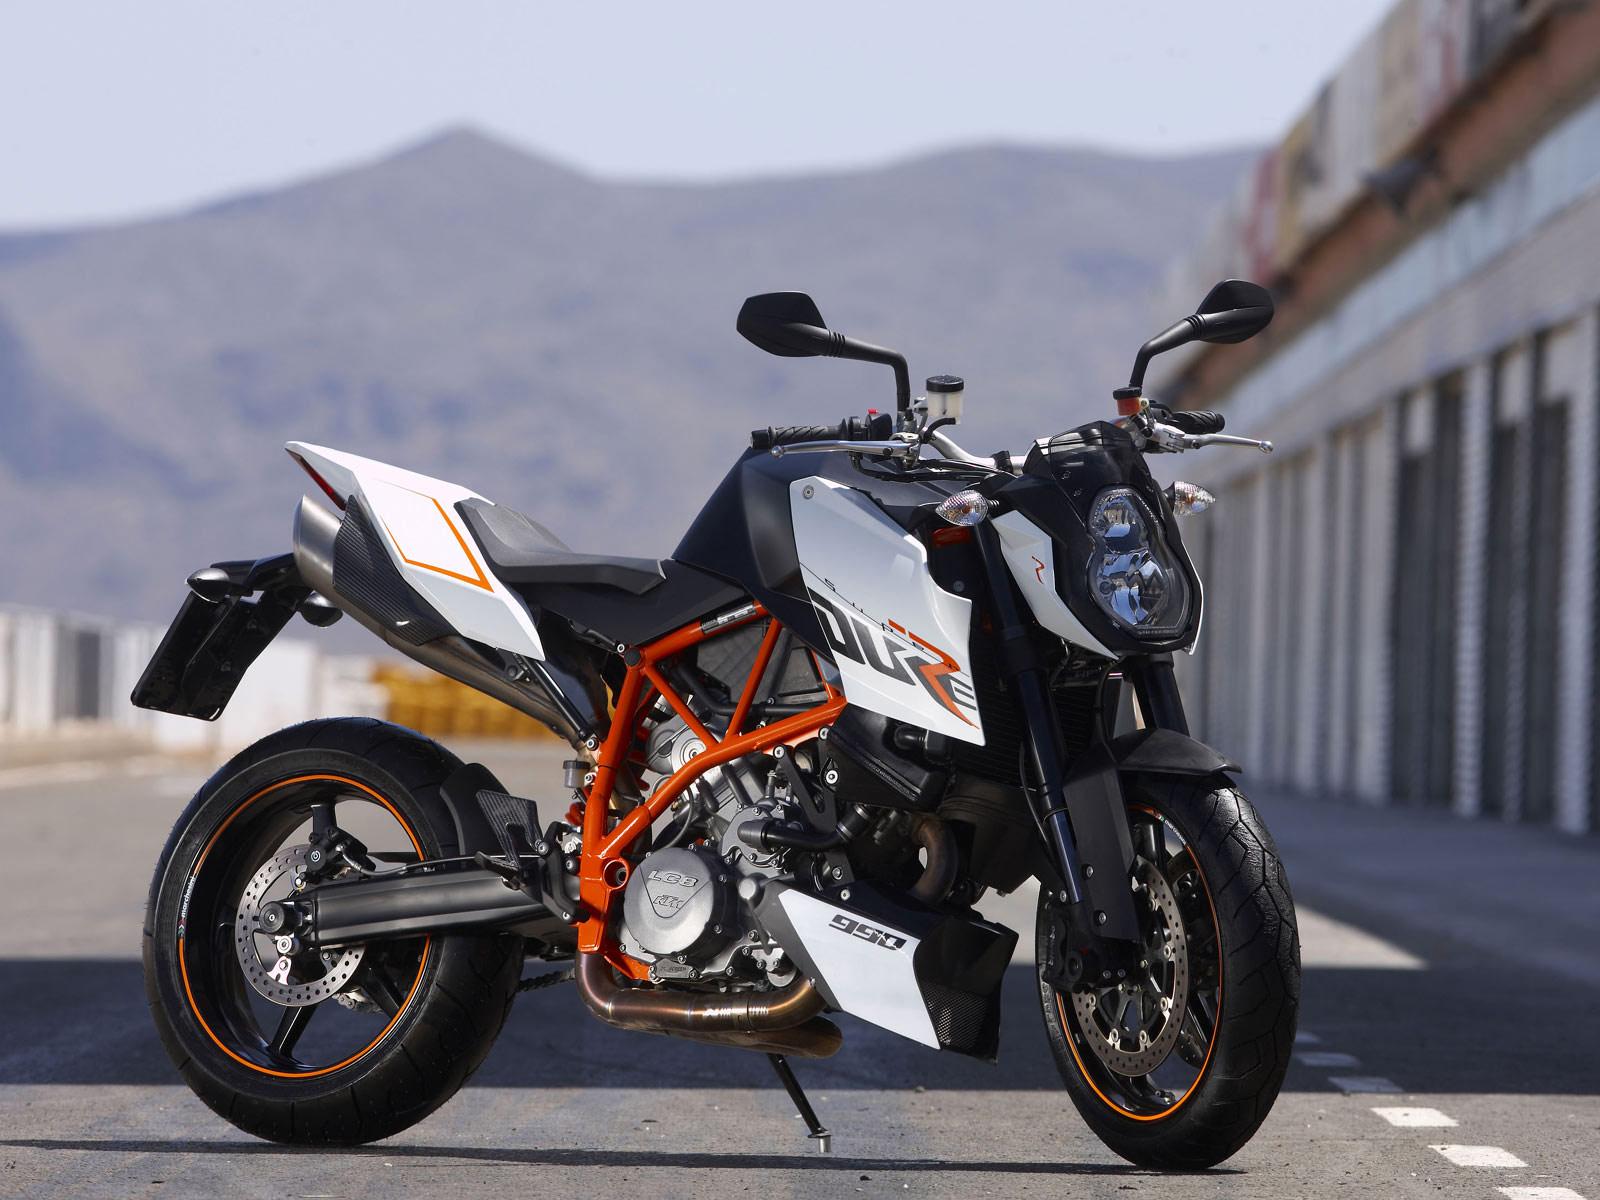 http://3.bp.blogspot.com/-zQmRgBj2jLE/Tnv66t0_tOI/AAAAAAAABP0/uD3Z-xuJCwY/s1600/KTM_990-Super-Duke-R-2009-motorcycle-desktop-wallpaper_01.jpg